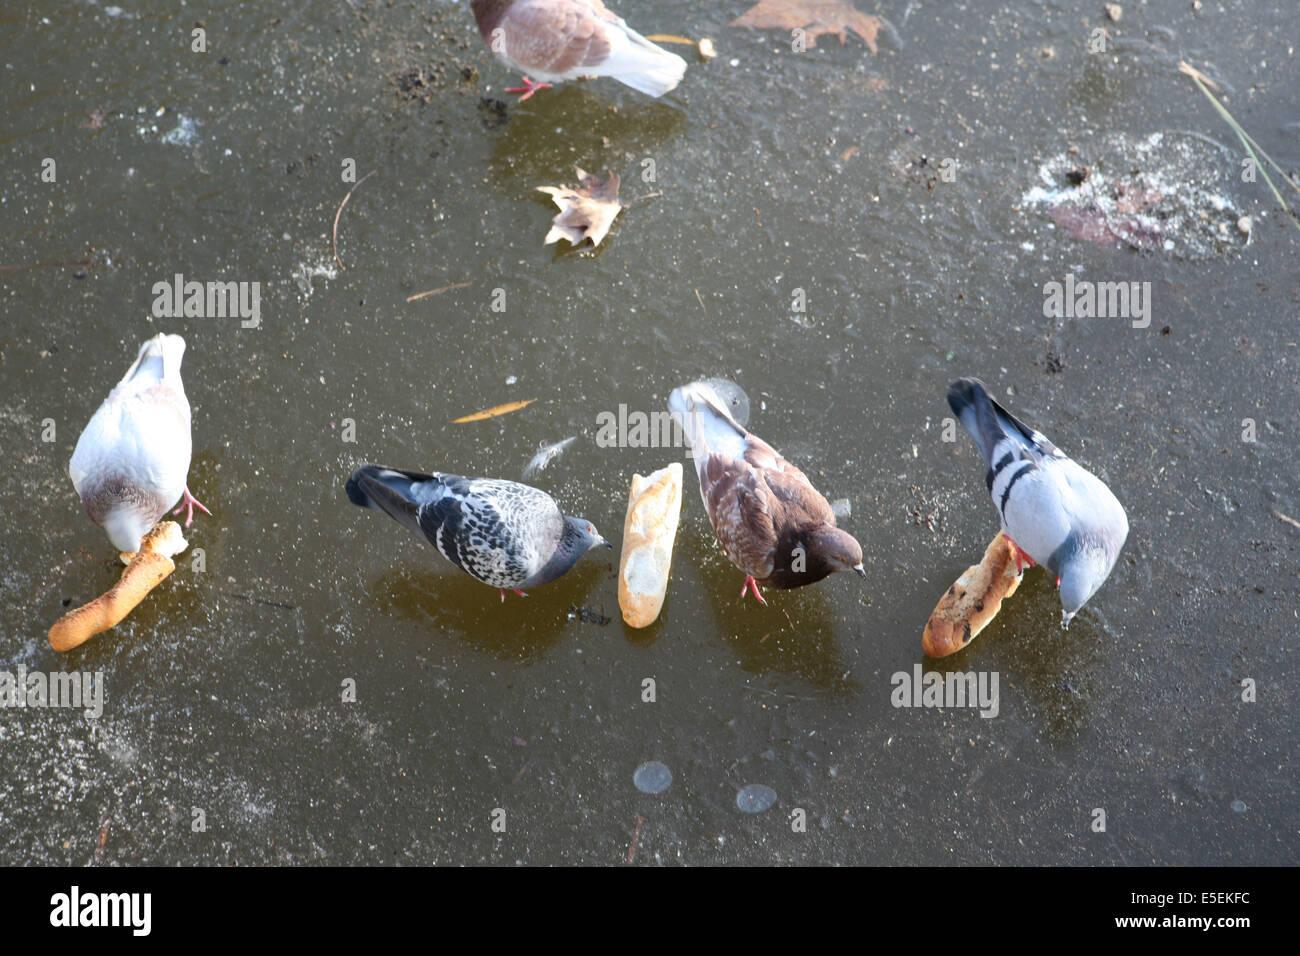 France, paris 12e, parc de Bercy, plan d'eau gele, hiver, pigeons, glace, - Stock Image